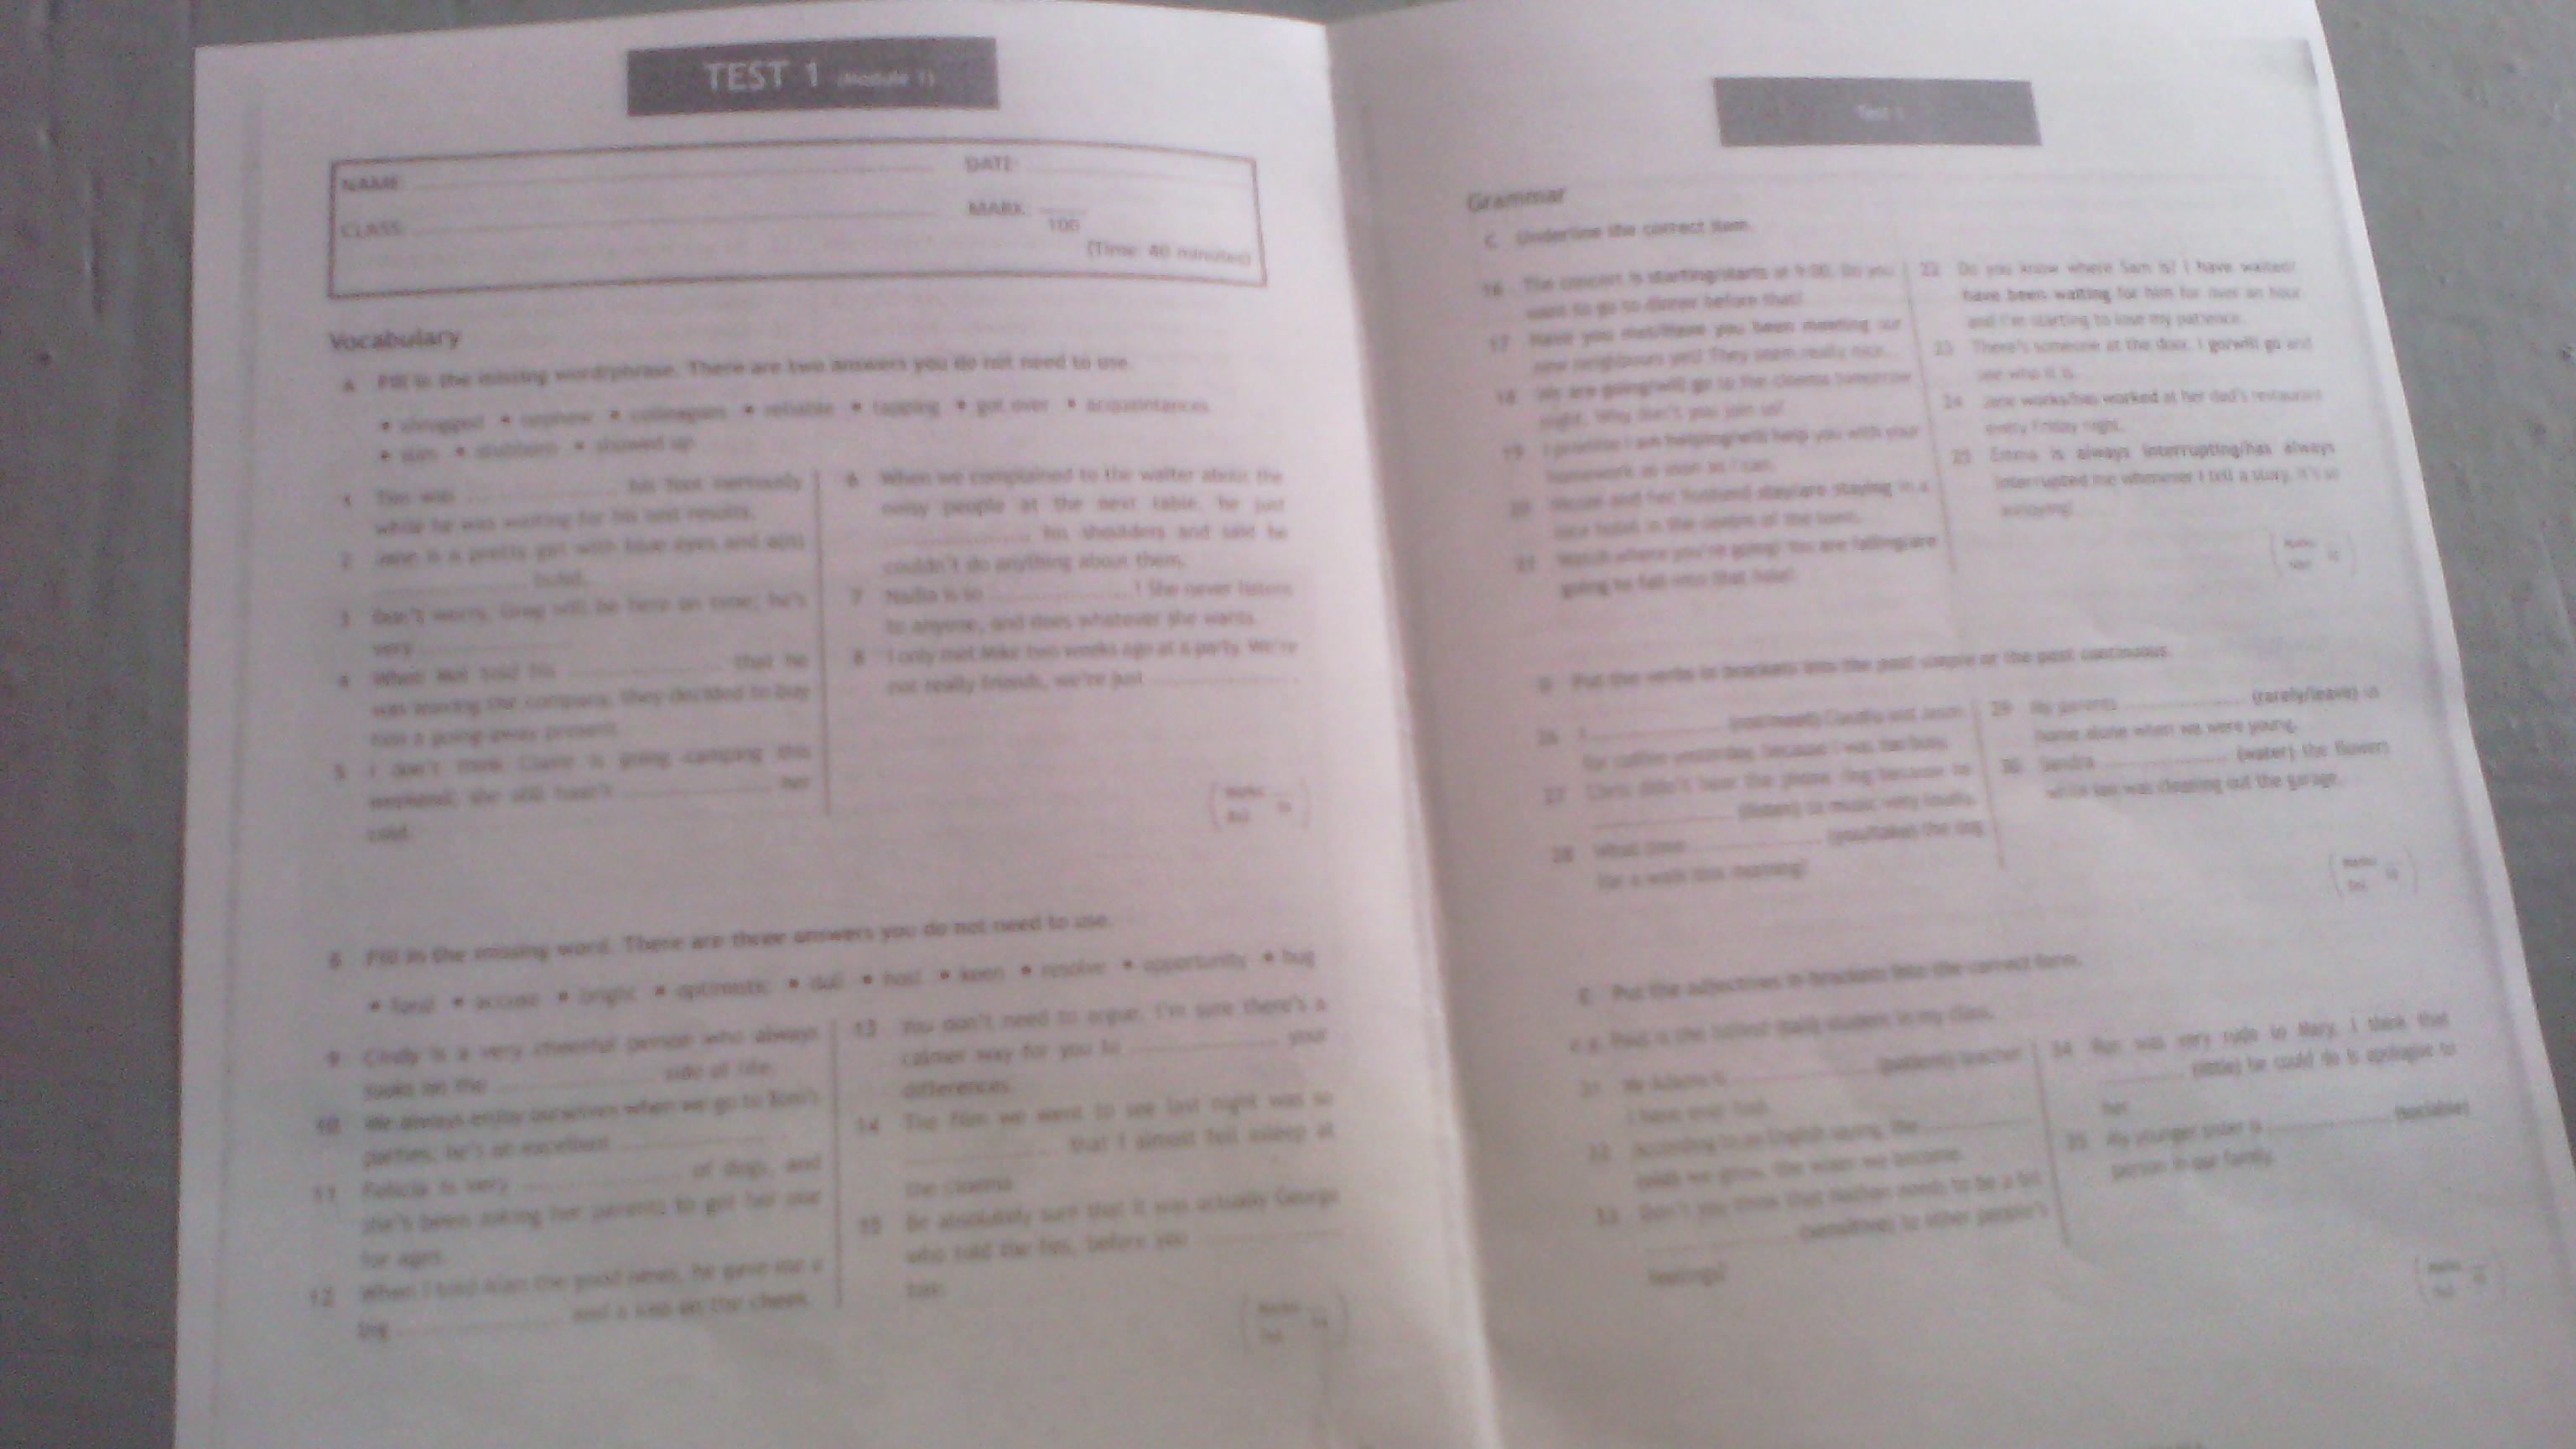 где можно найти ответы на контрольную работу по англ языку   jpg